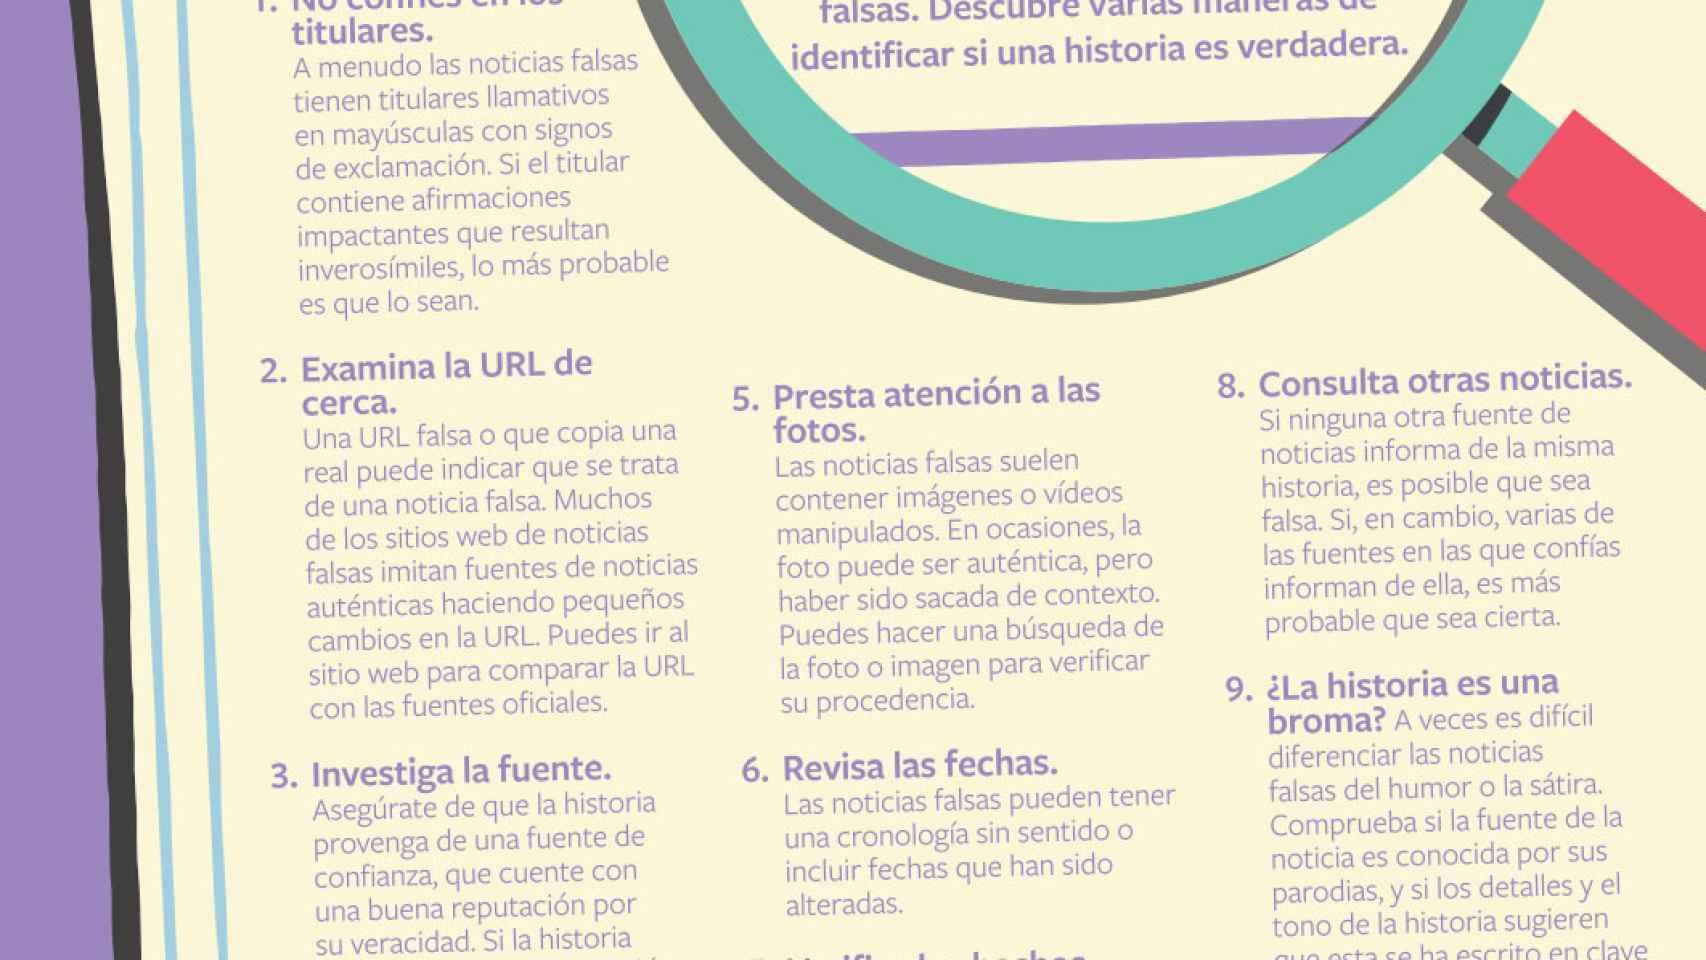 Consejos para no caer en noticias falsas